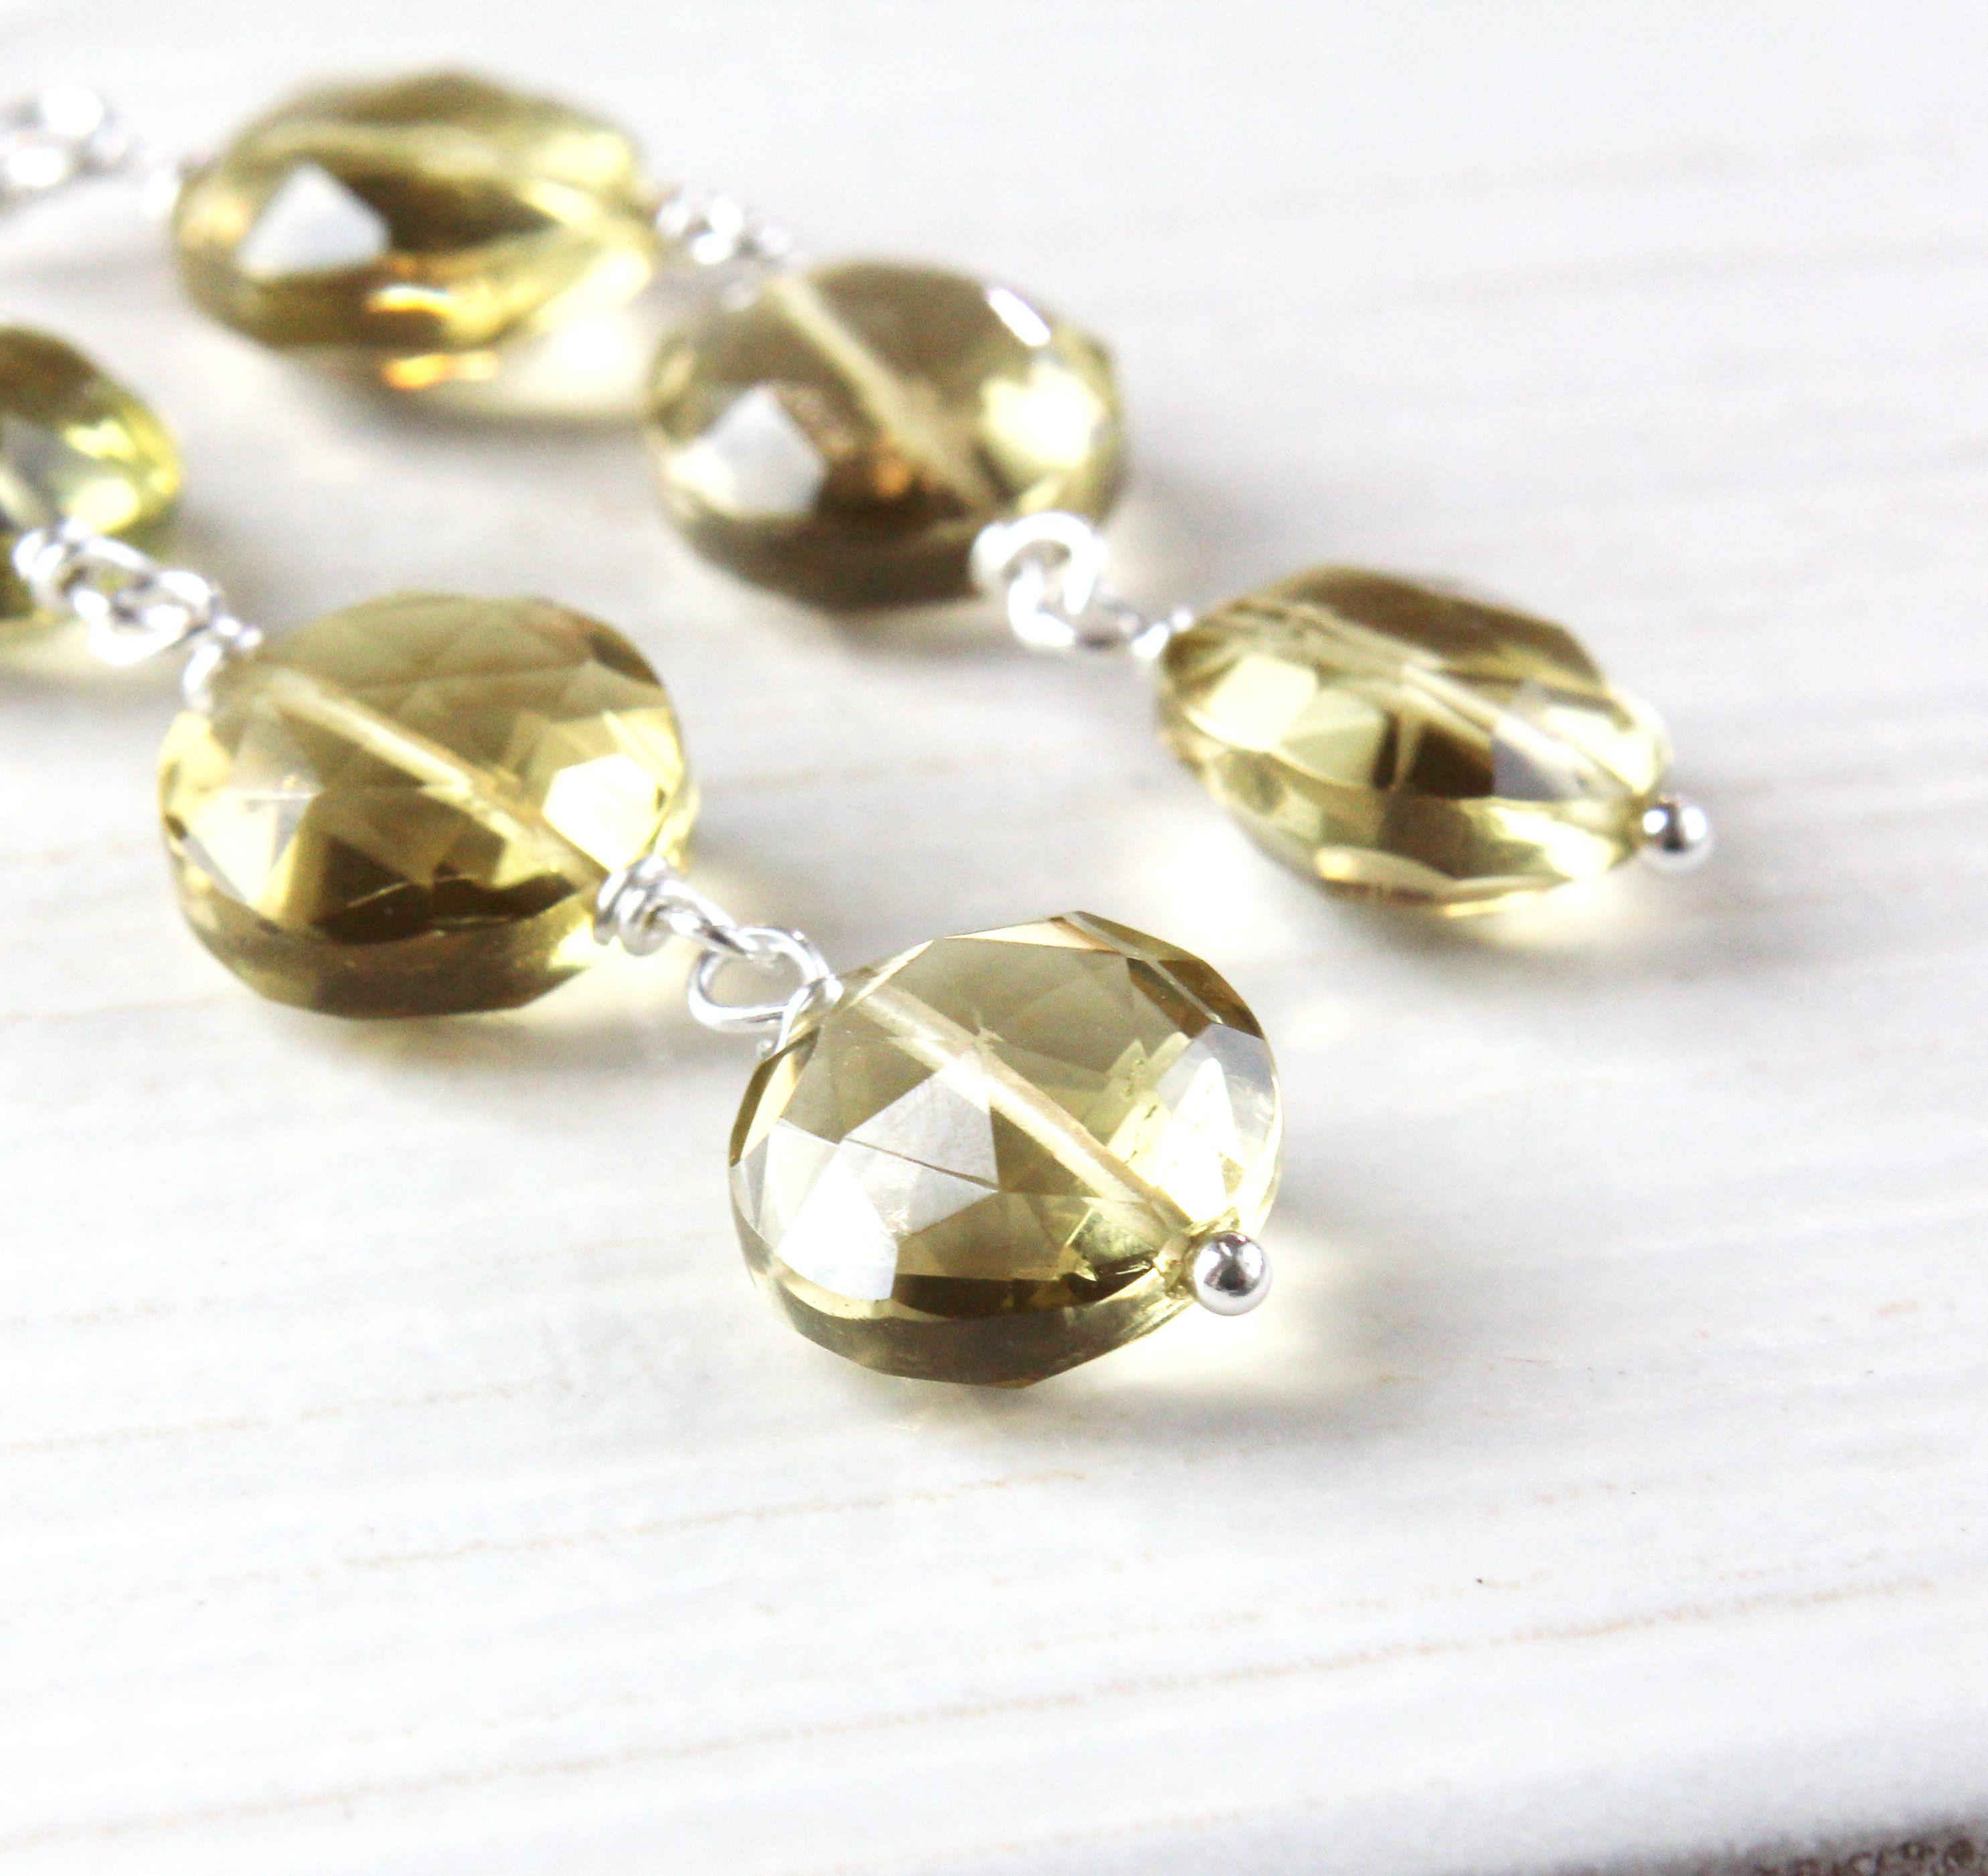 goldenearrings yellowearrings quartzearrings longearrings